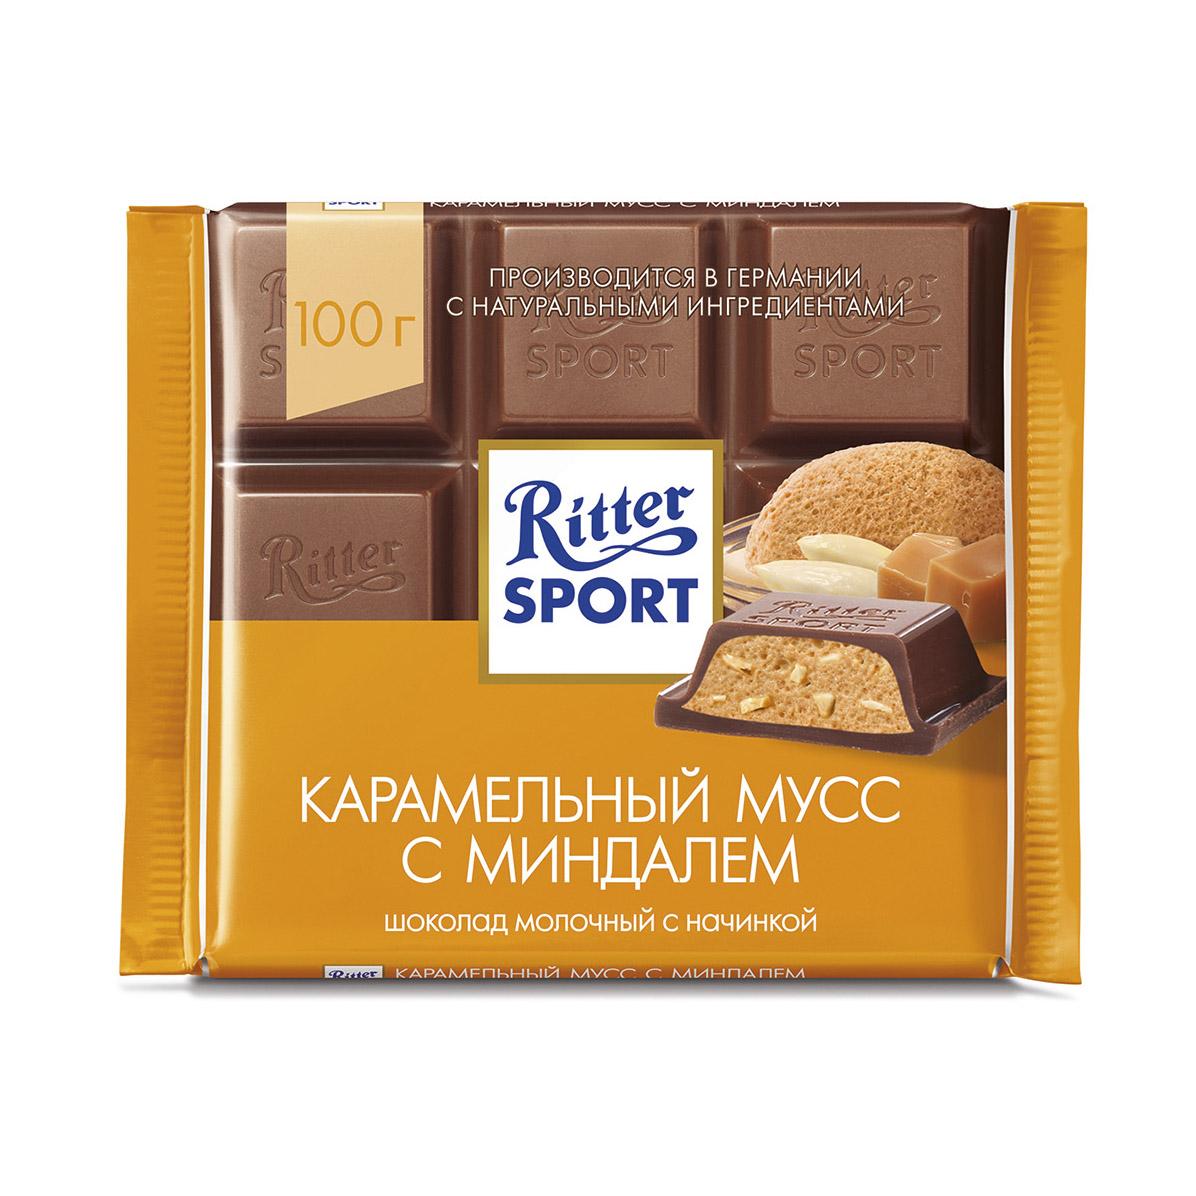 шоколад вдохновение горький с миндалем 75% 100 г Шоколад Ritter Sport молочный Карамельный мусс с миндалем 100 г